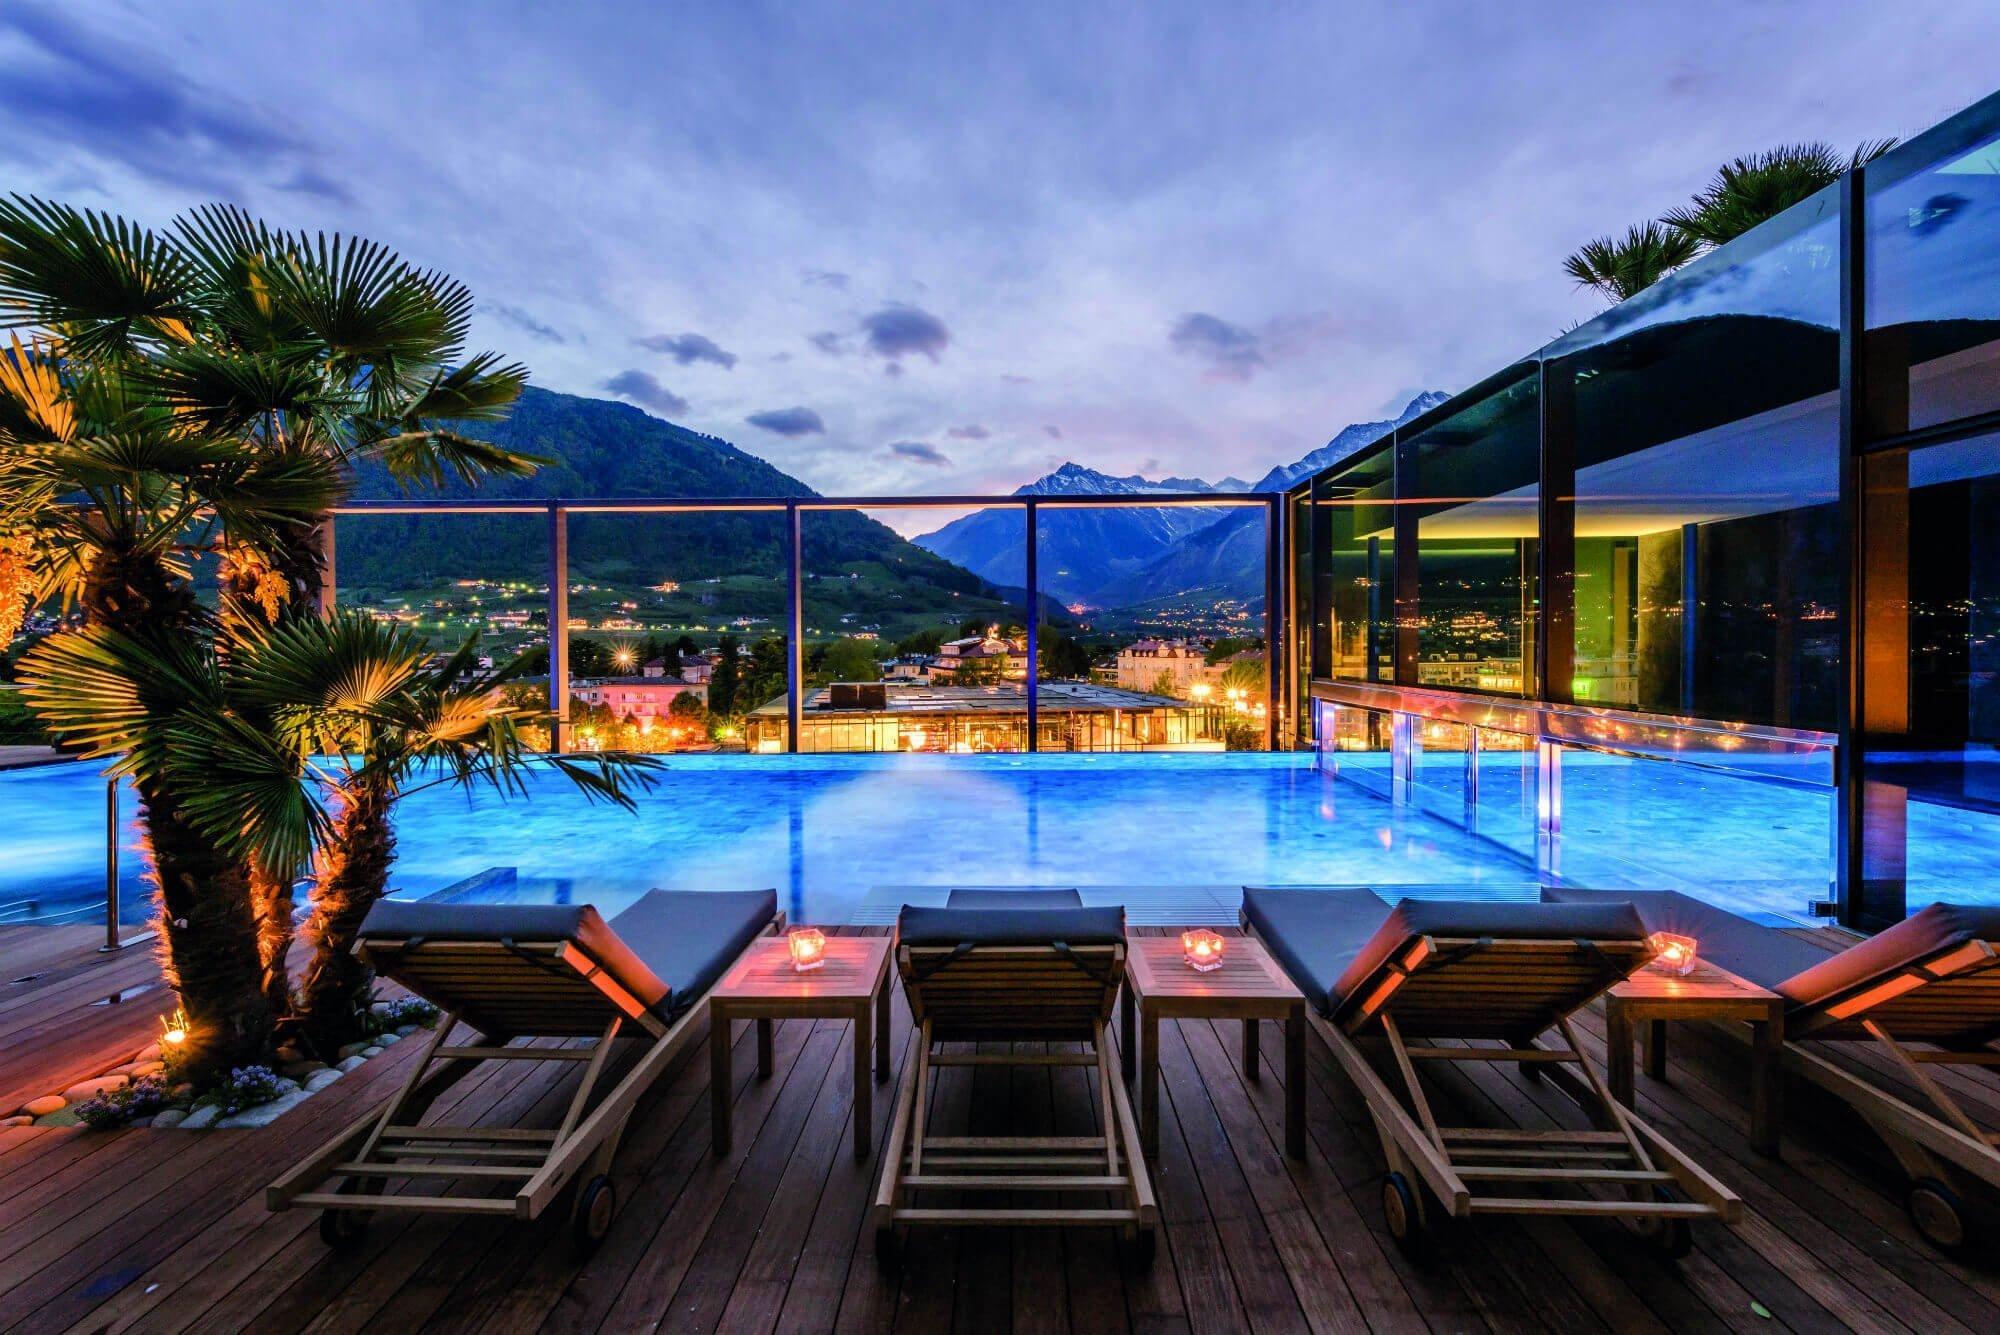 hotel therme meran 2805 DESIGN HOTEL SULLE ALPI